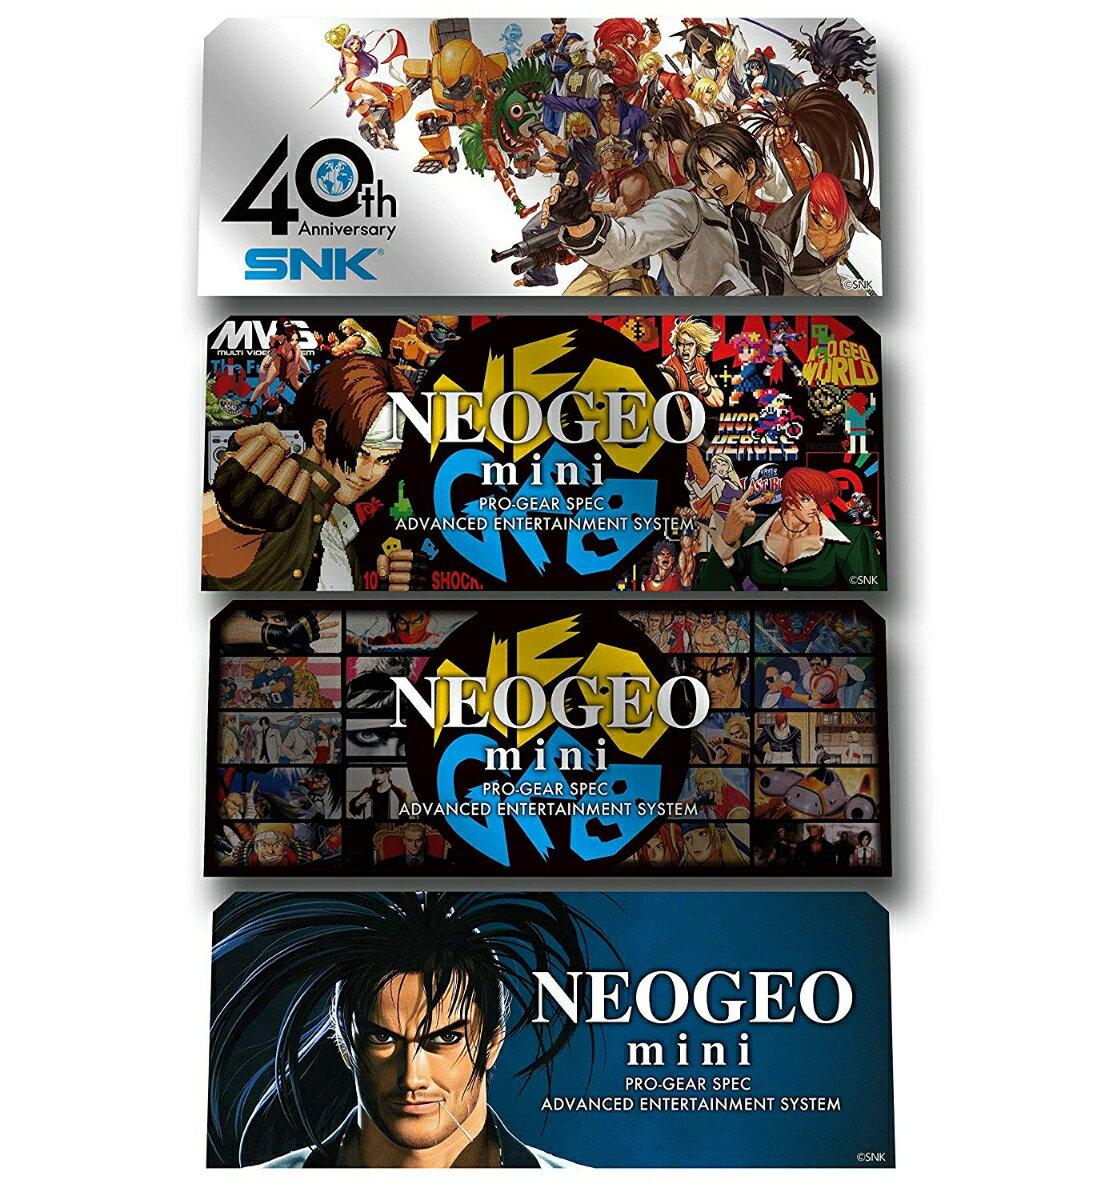 テレビゲーム, その他 NEOGEO mini Character Stickers4pcs